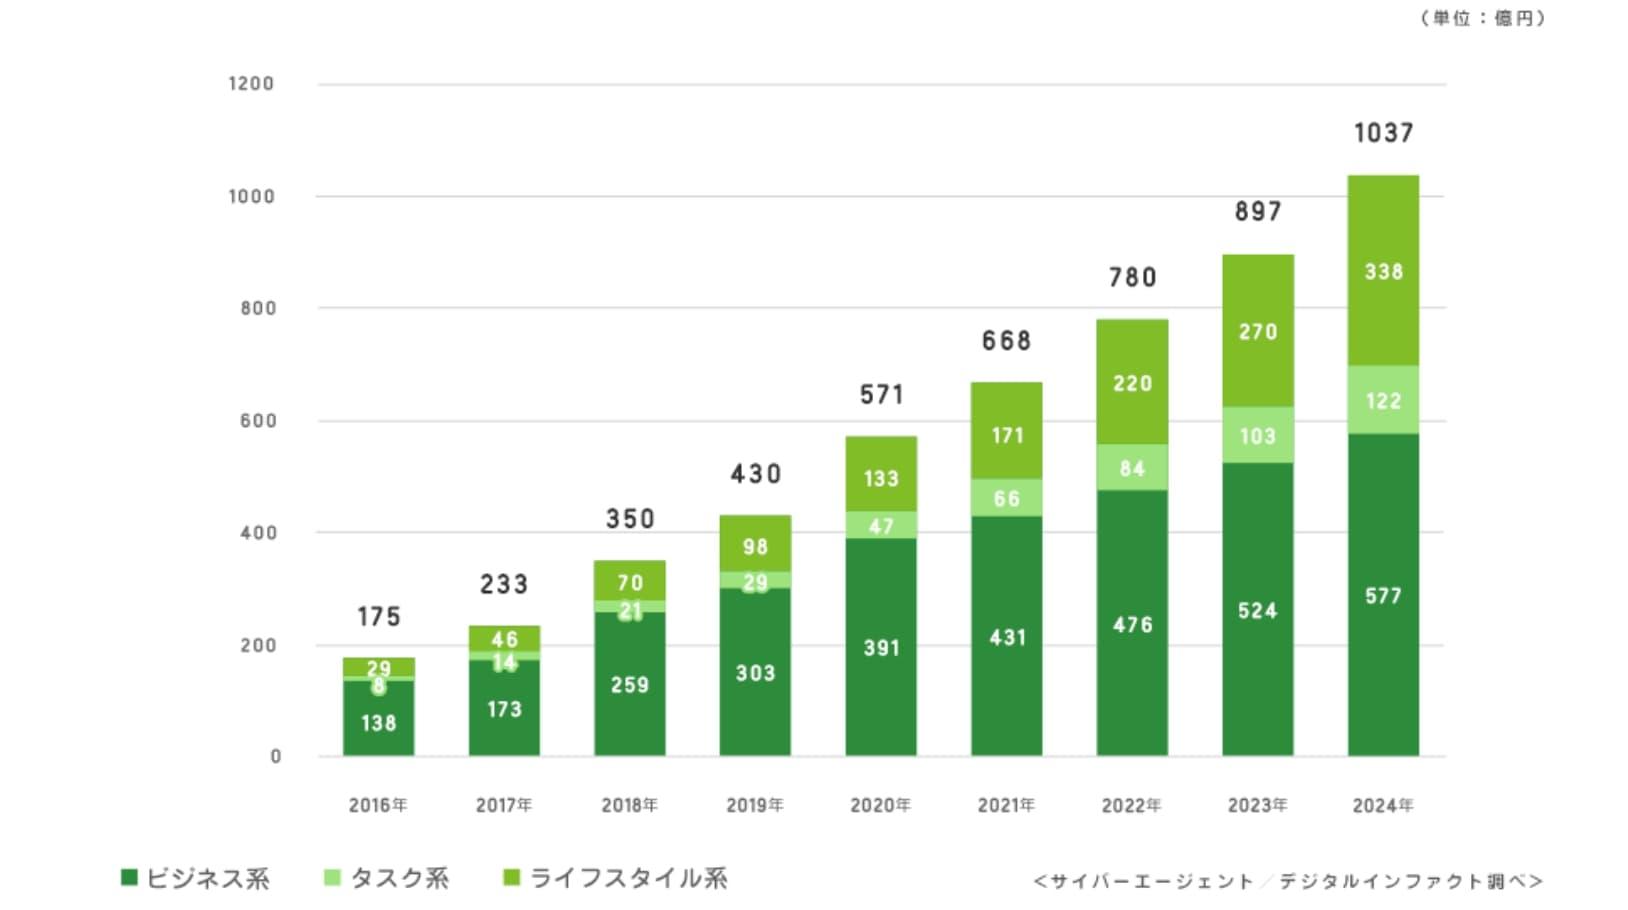 スキルシェアサービスの市場推移